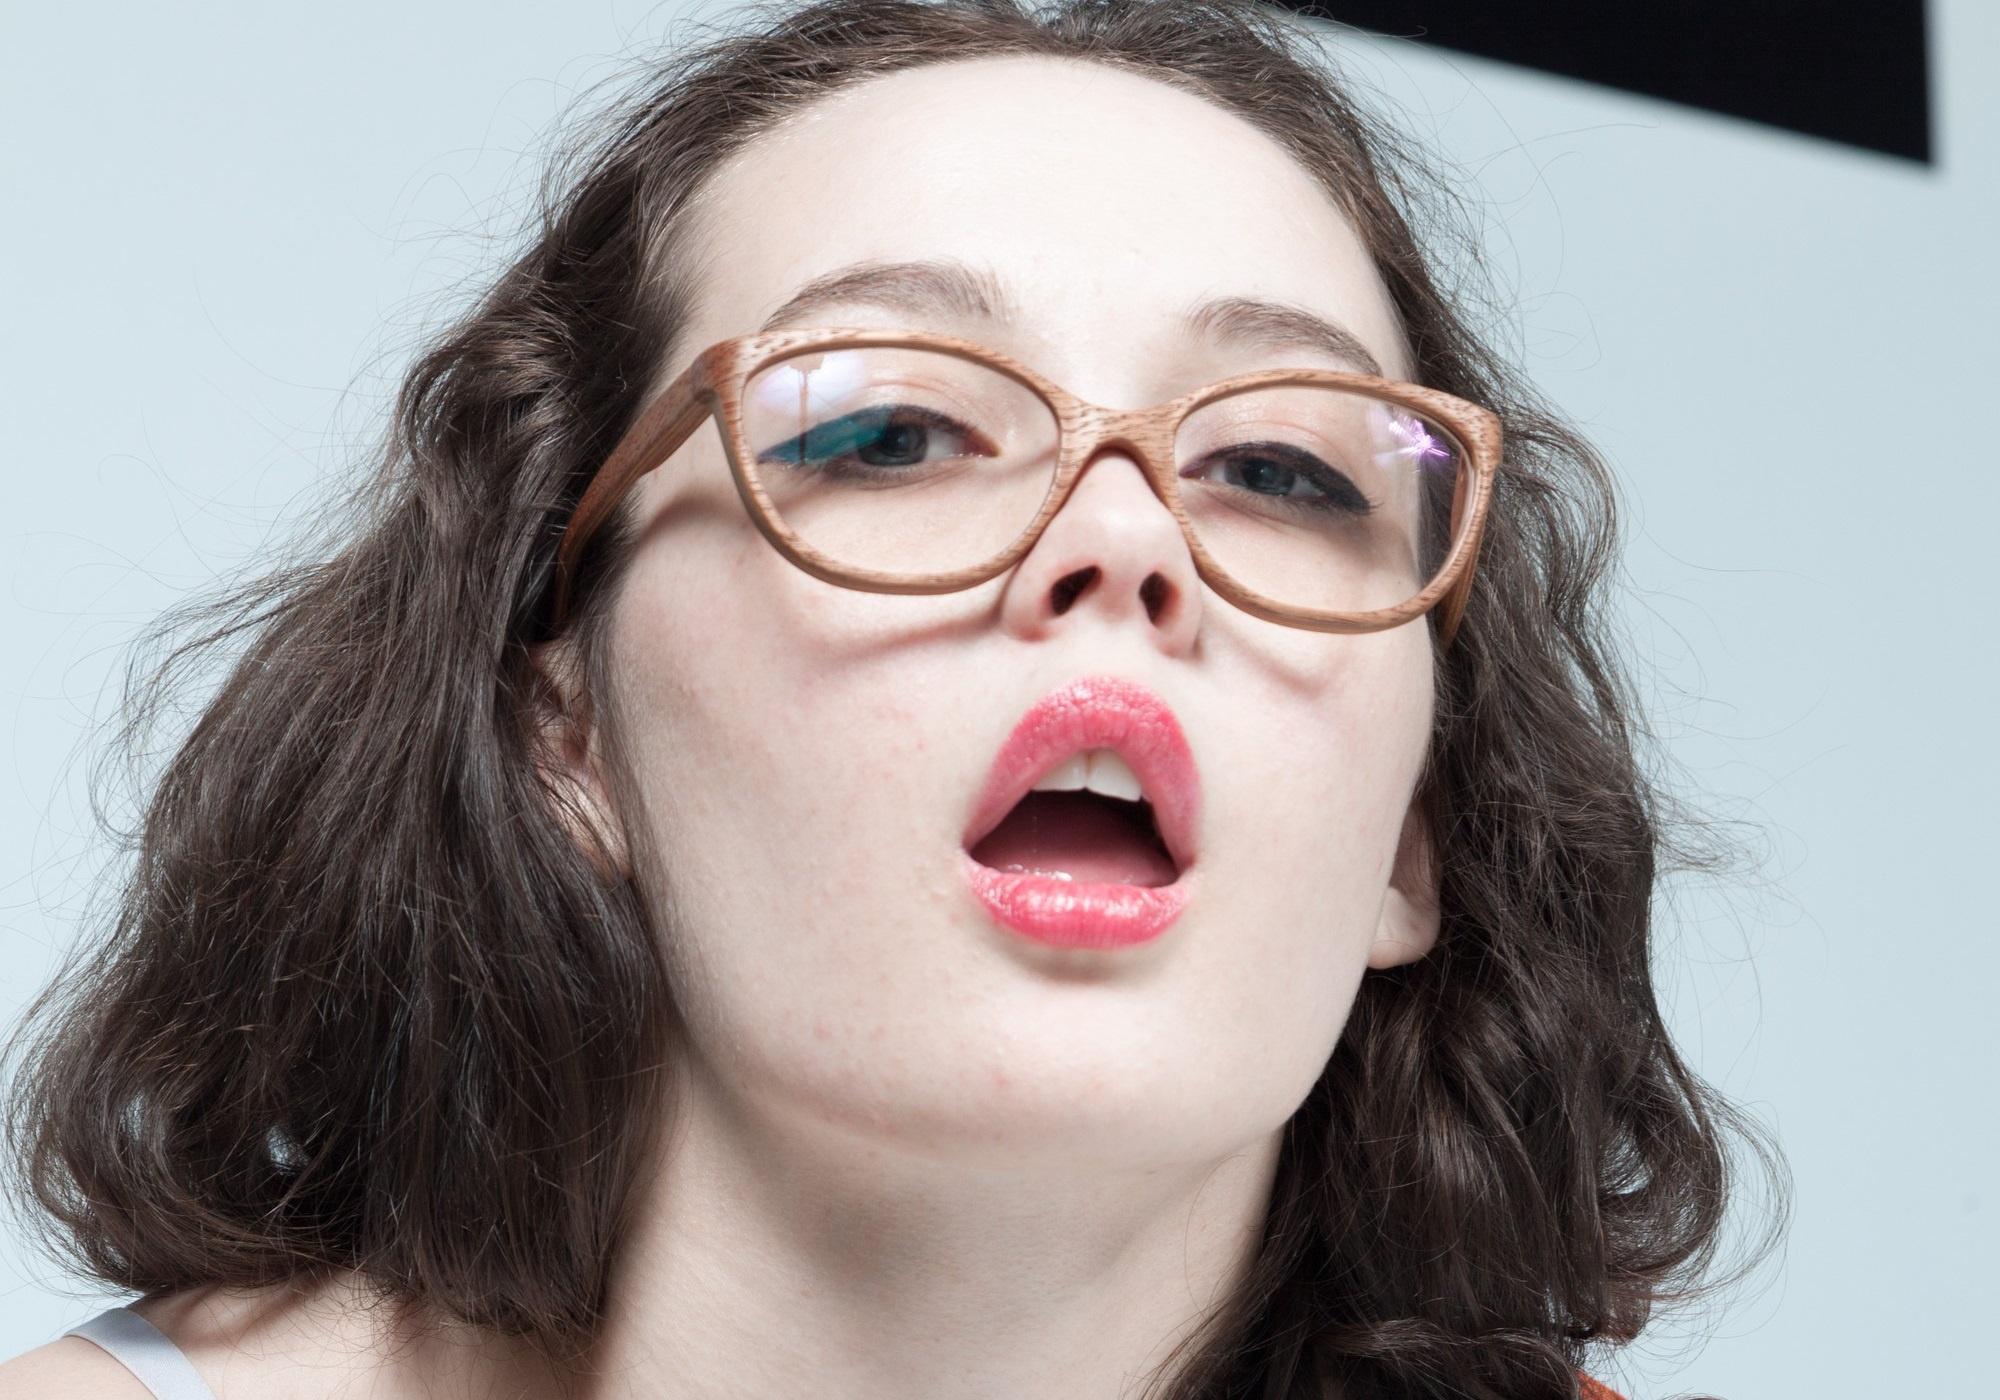 Фото красивый ротик, Сперма во рту фото 14 фотография